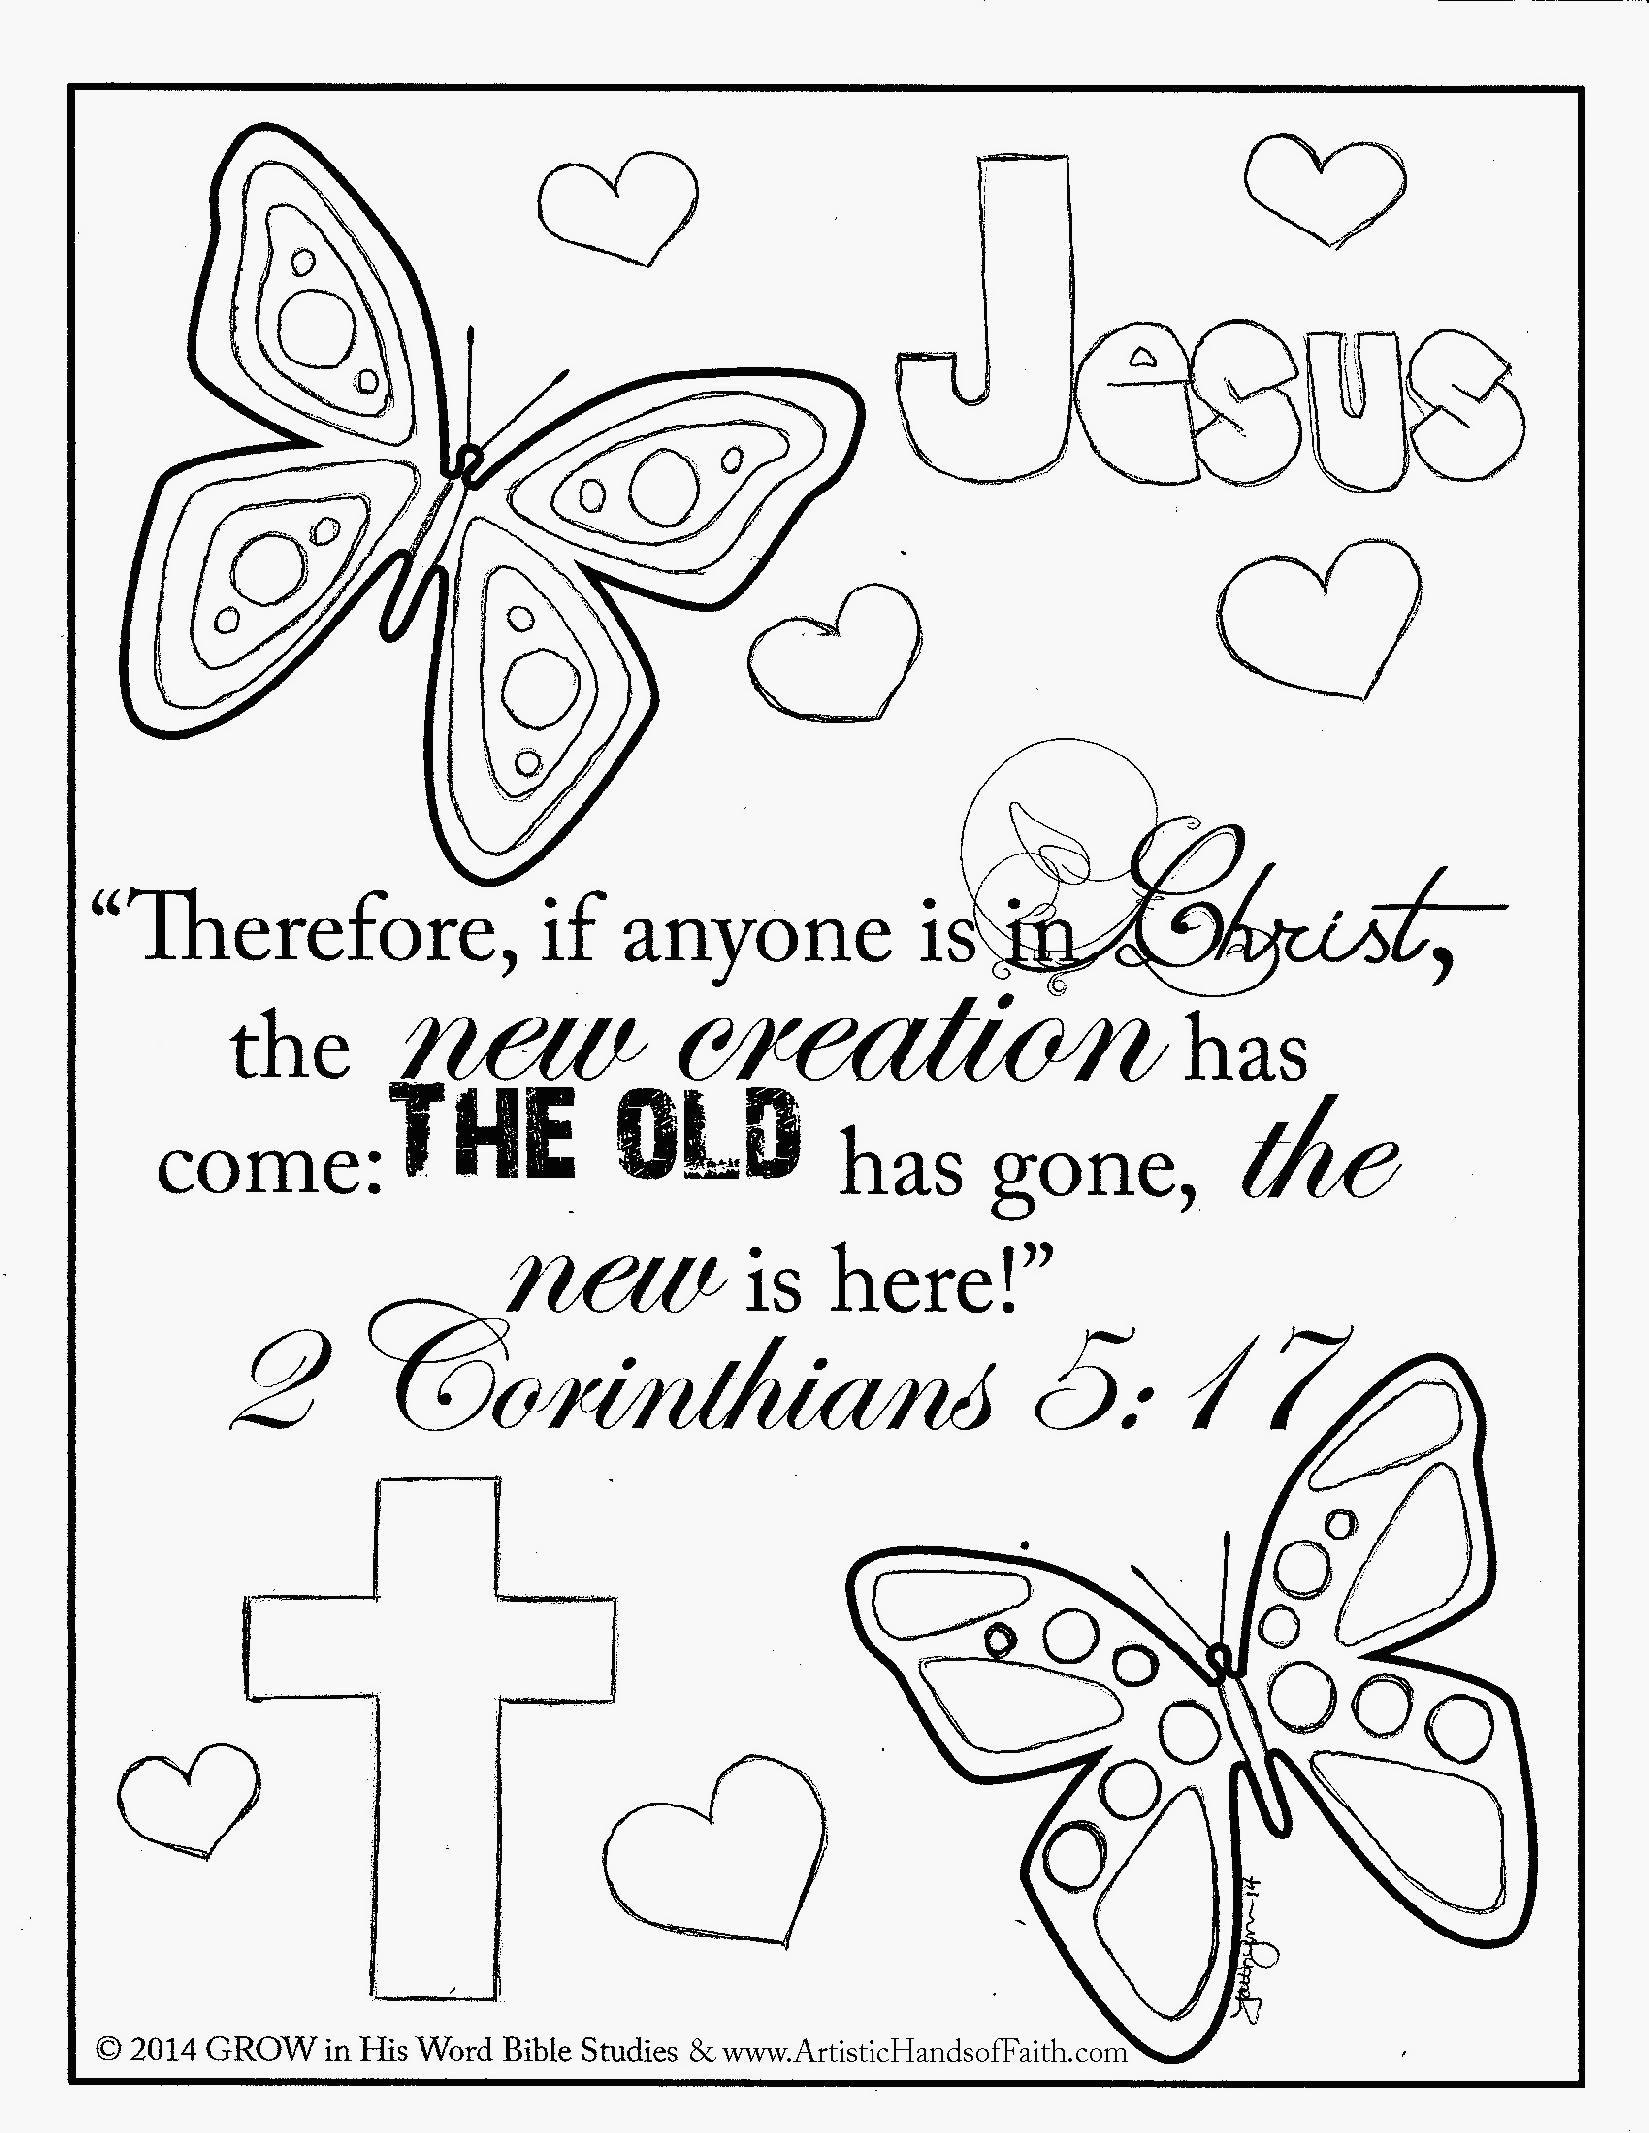 Http Coloringapages Com Wp Content Uploads 2015 02 Bible Verse Coloring Pages For Kids 15 Bible Verse Coloring Page Bible Verse Coloring Bible Coloring Pages